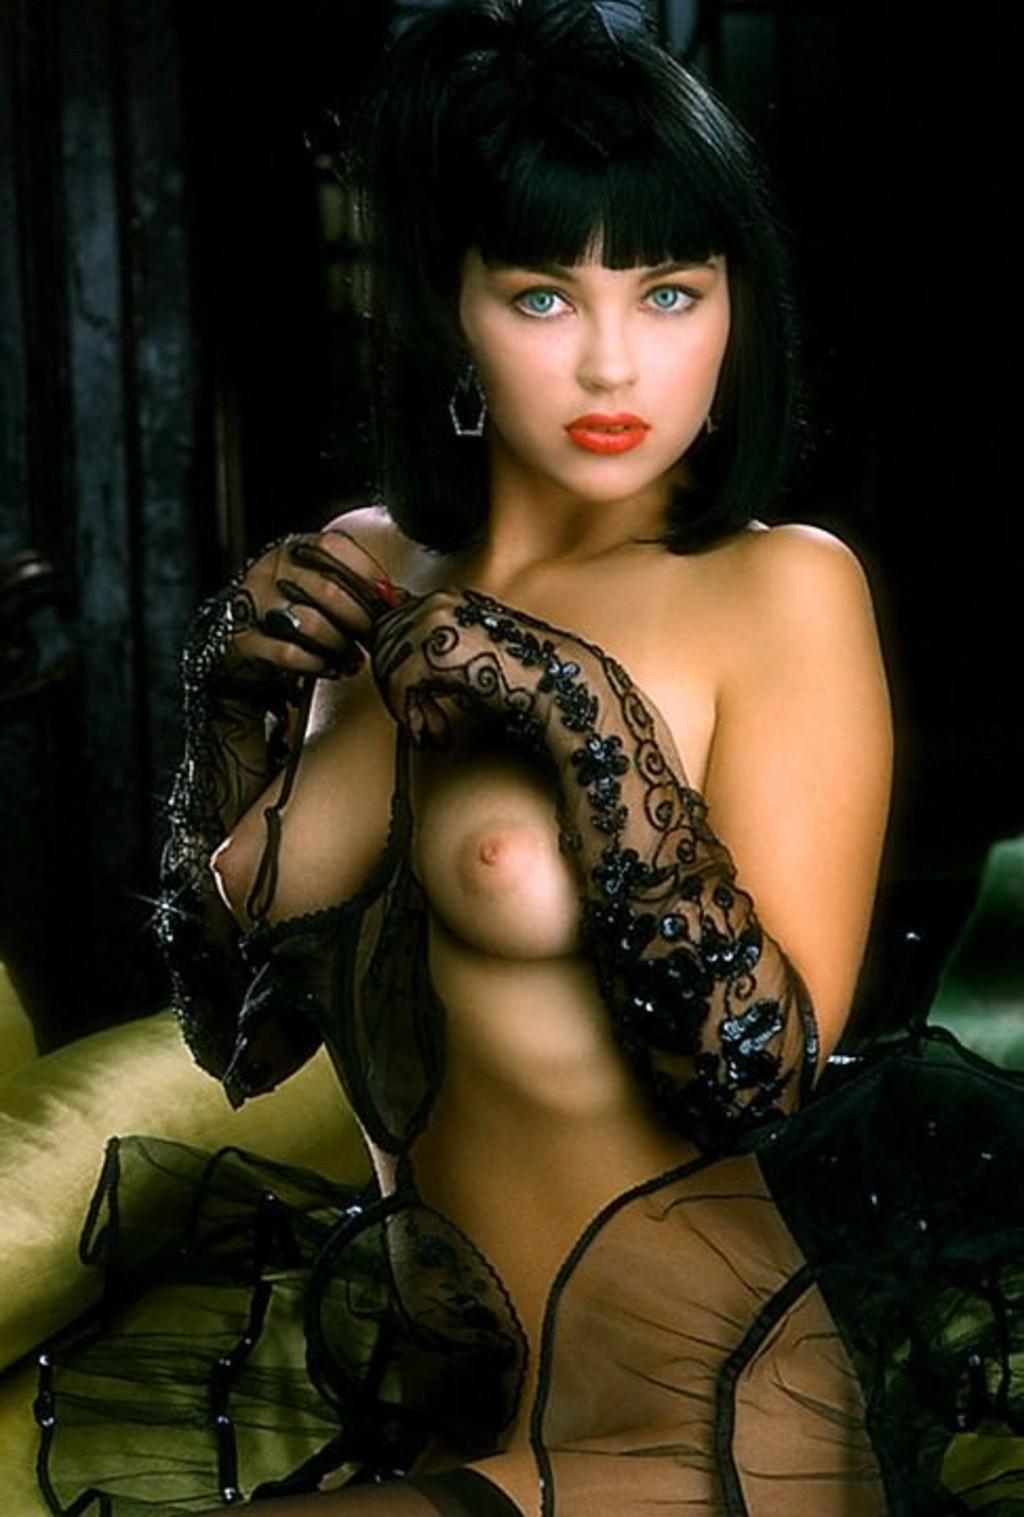 suomitytöt alasti oma seksikuva